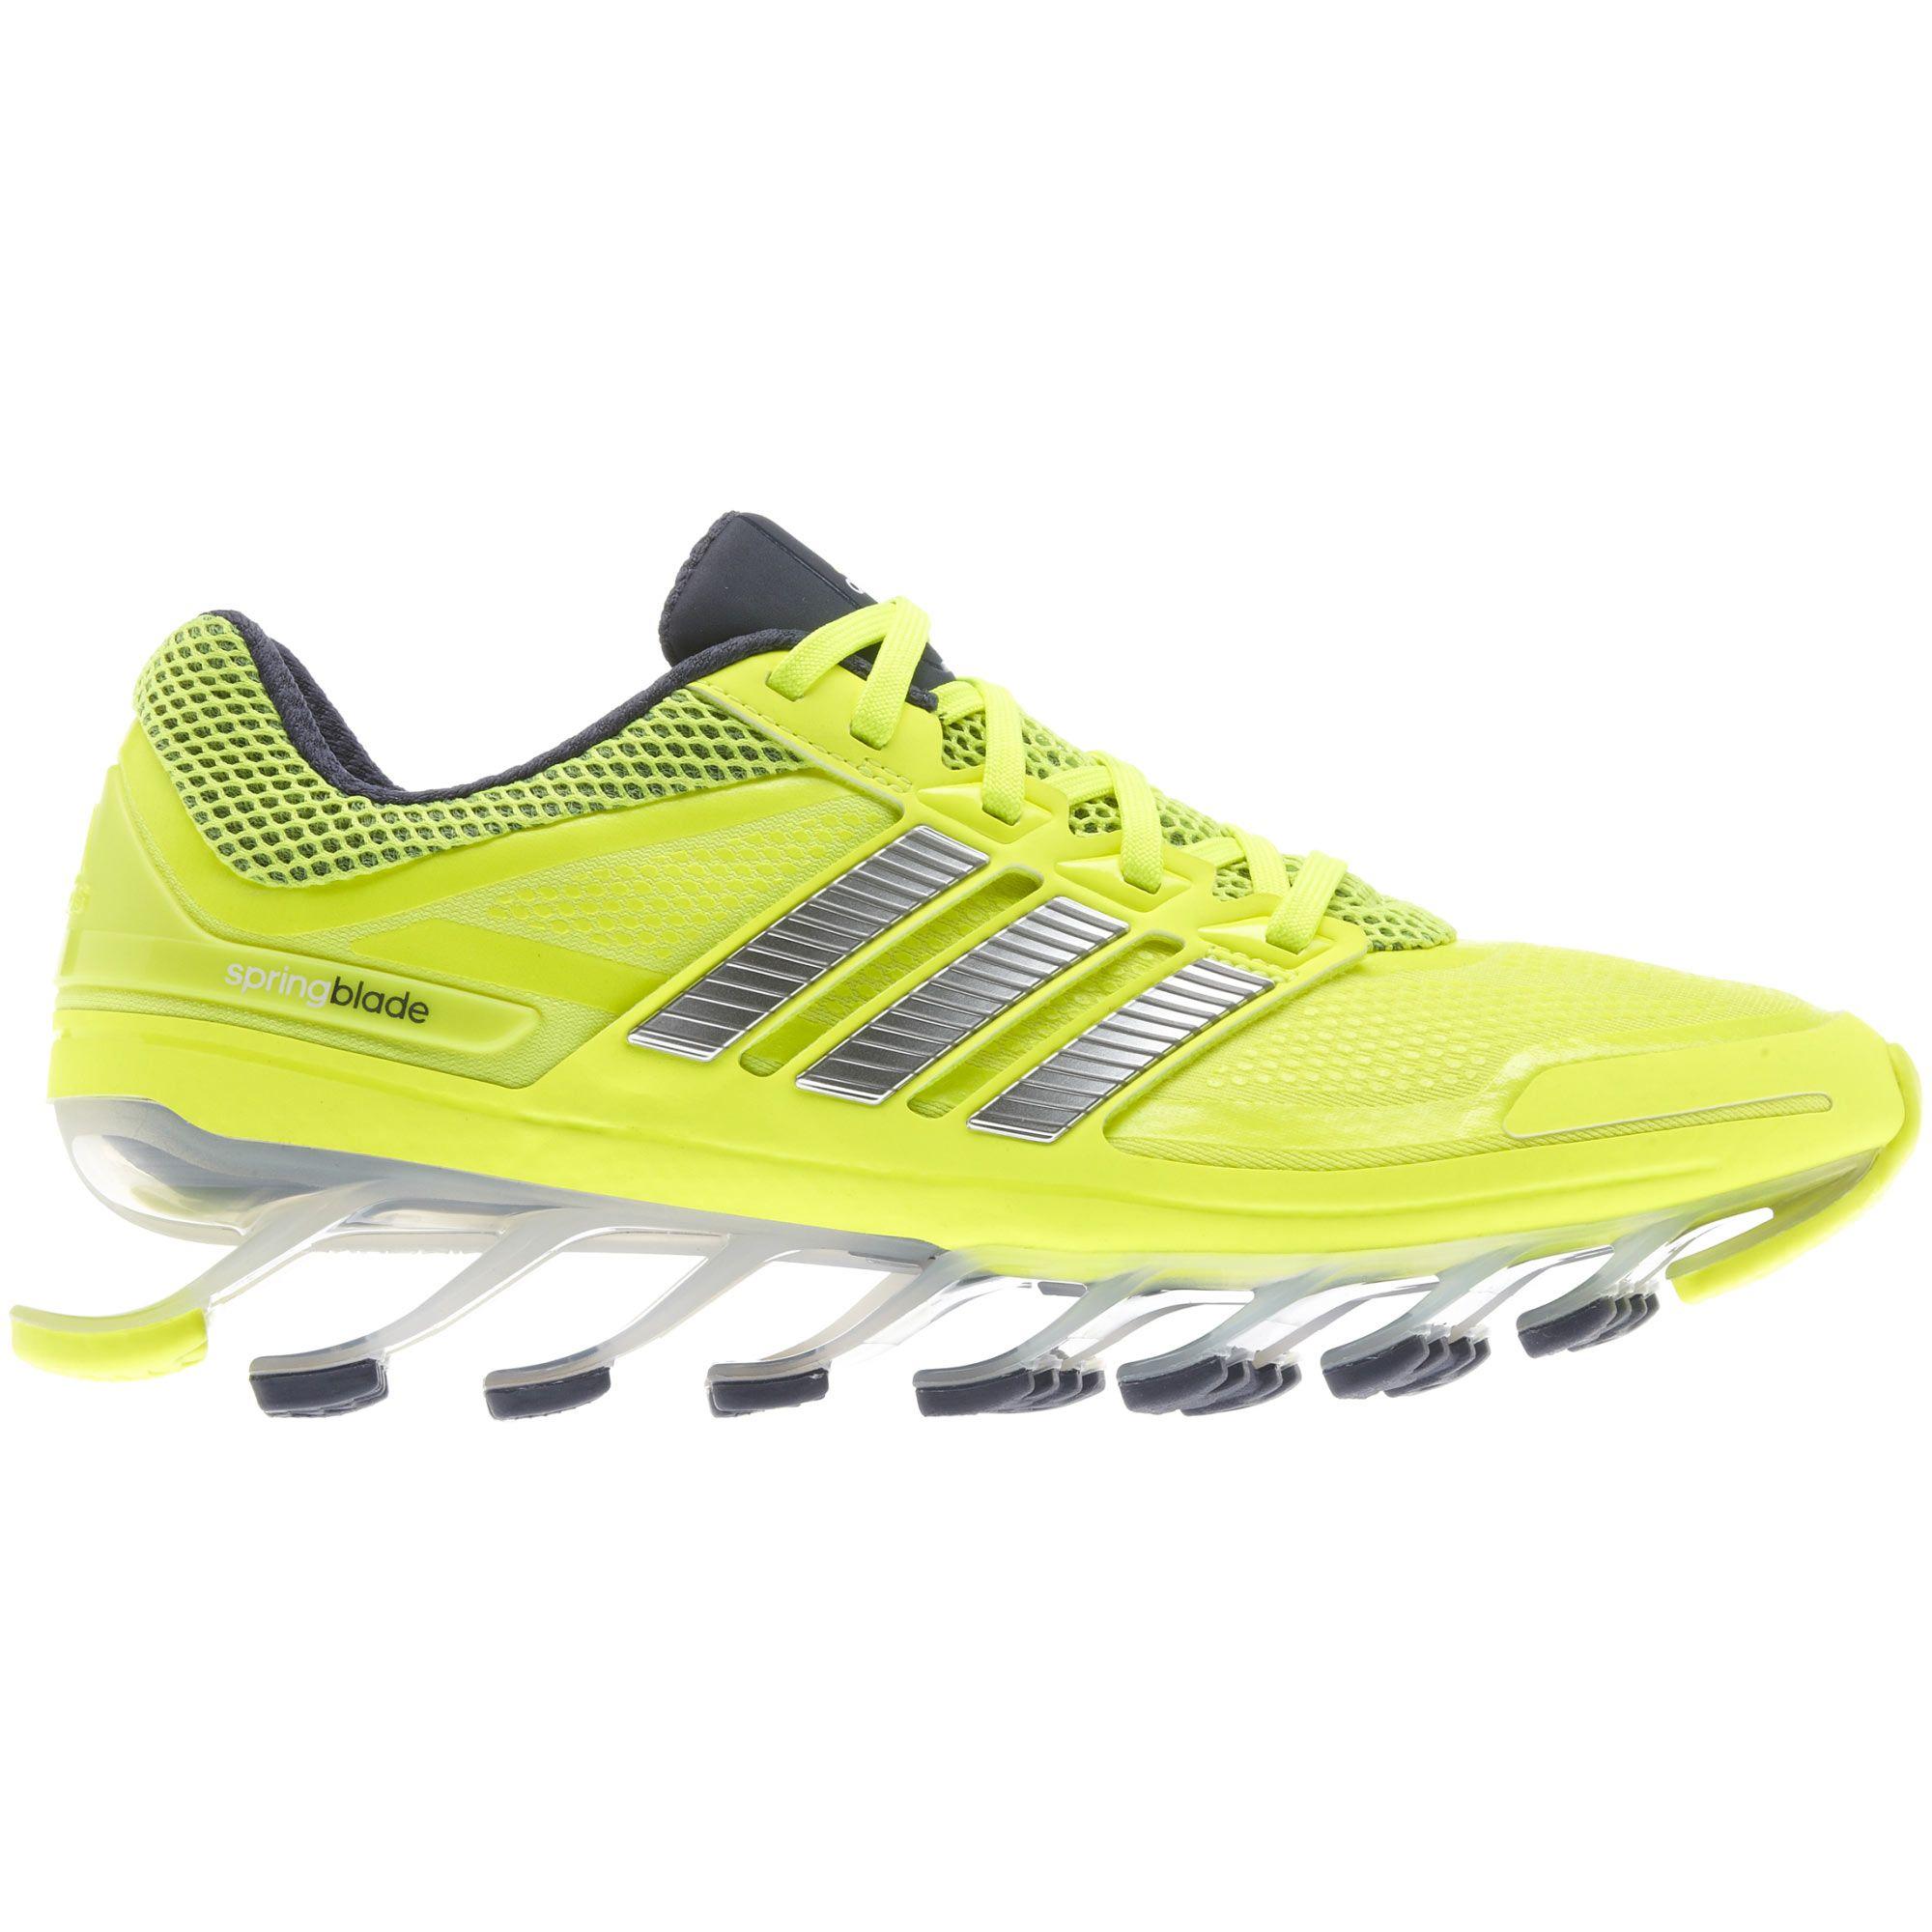 Springblade Shoes | adidas Canada